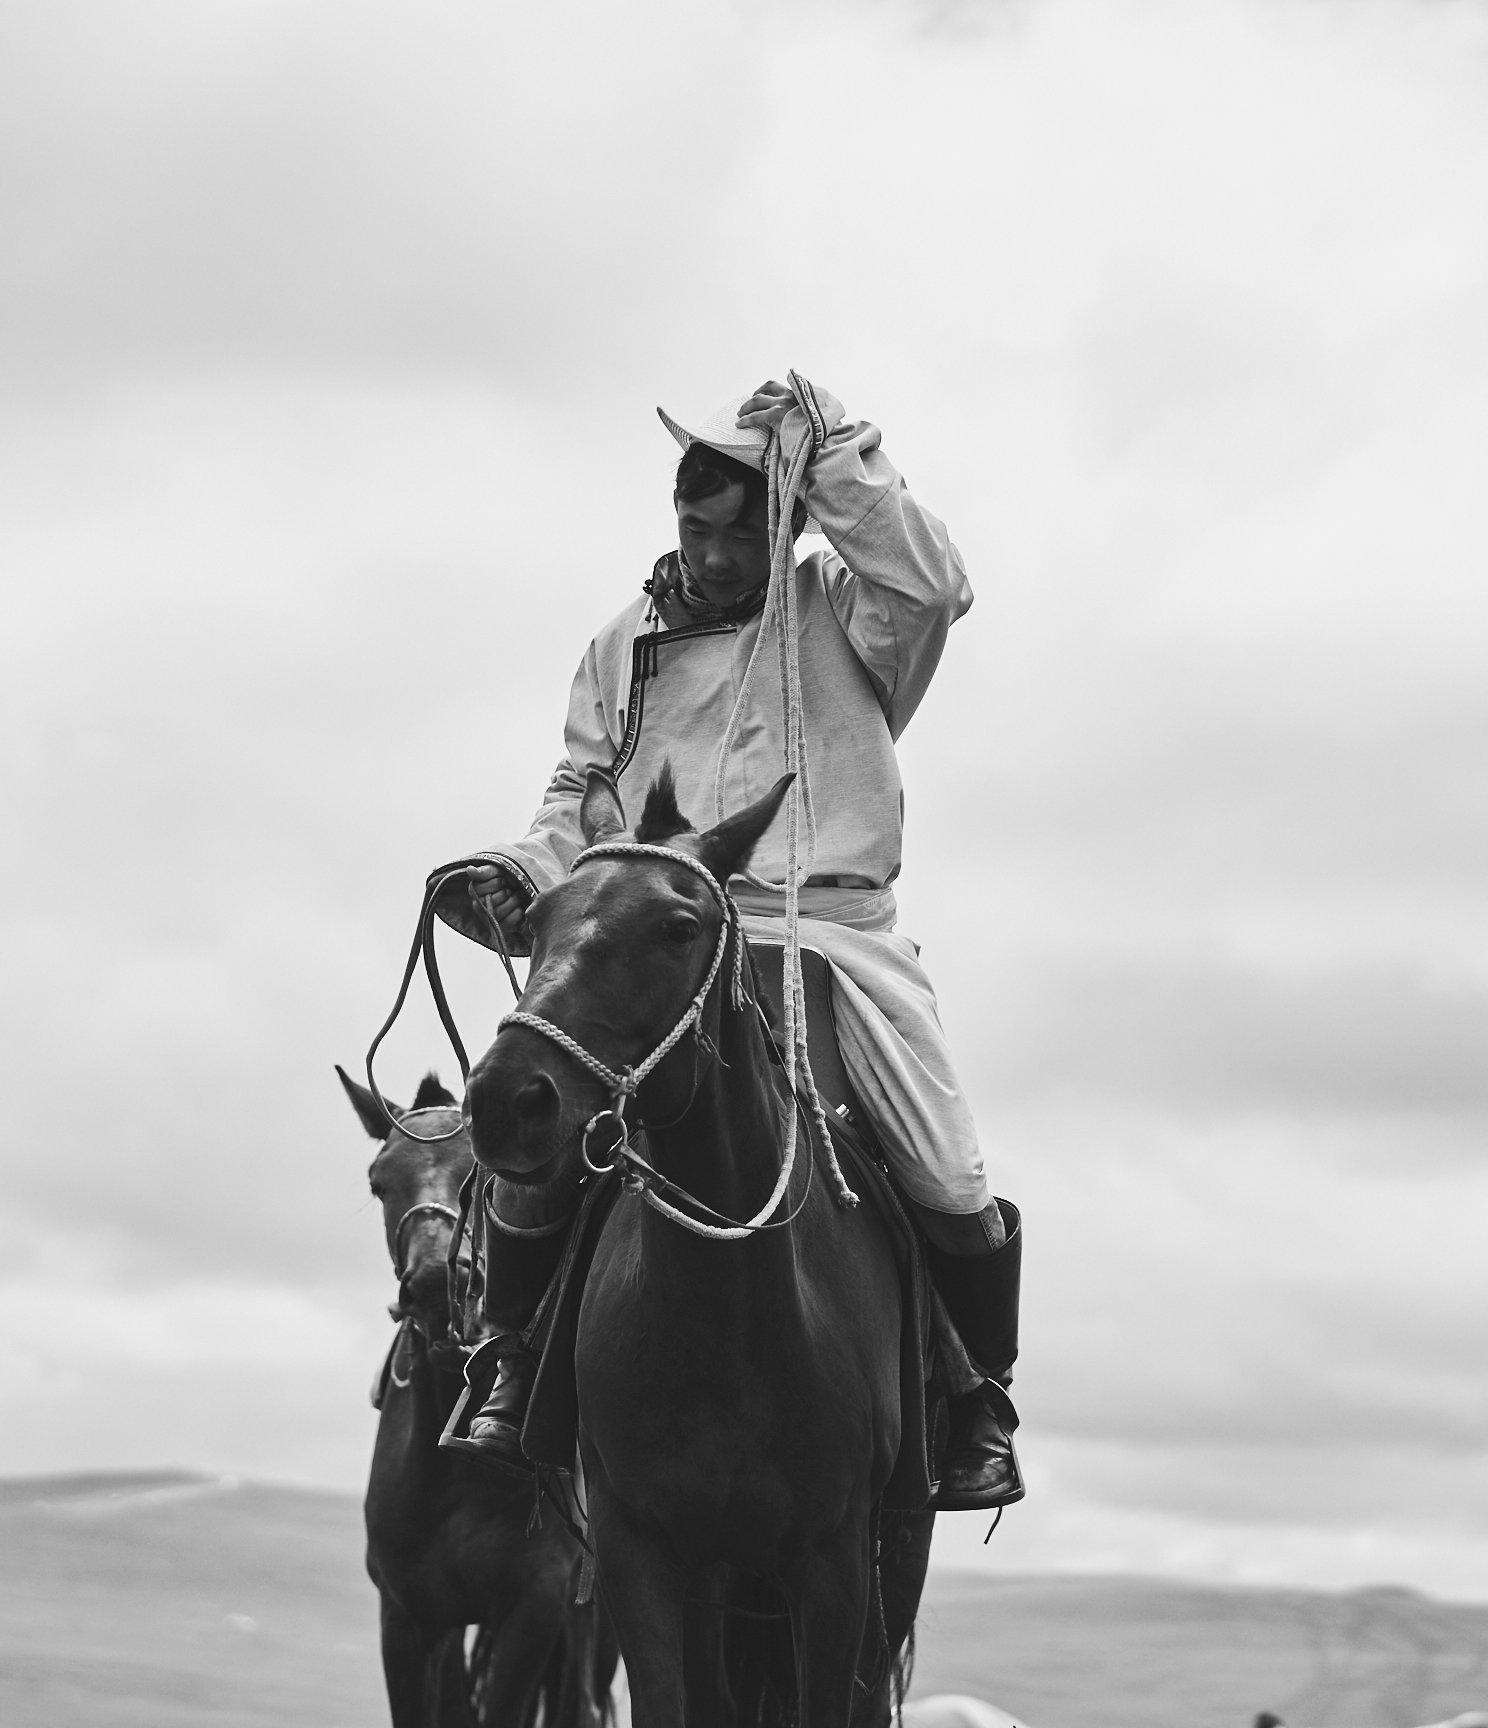 2018_BM_Mongolia-1106.jpg